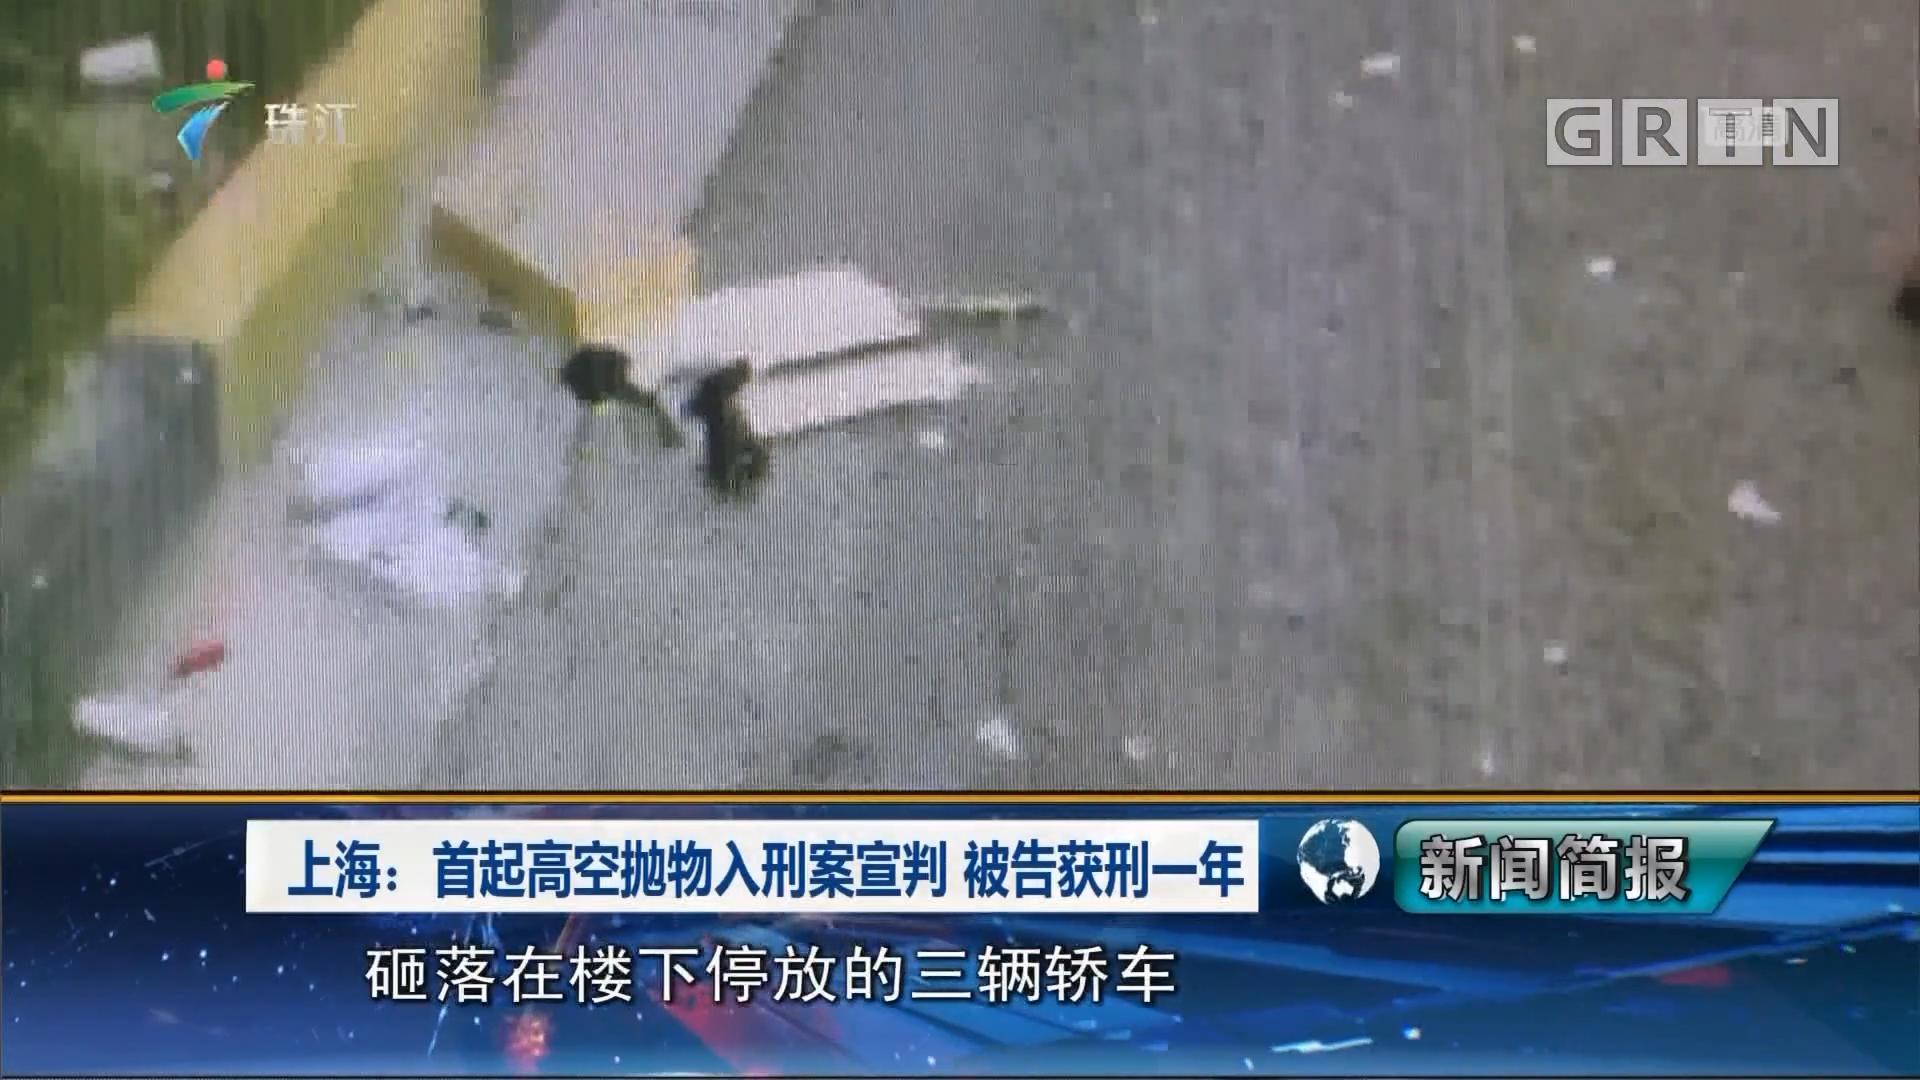 上海:首起高空抛物入刑案宣判 被告获刑一年